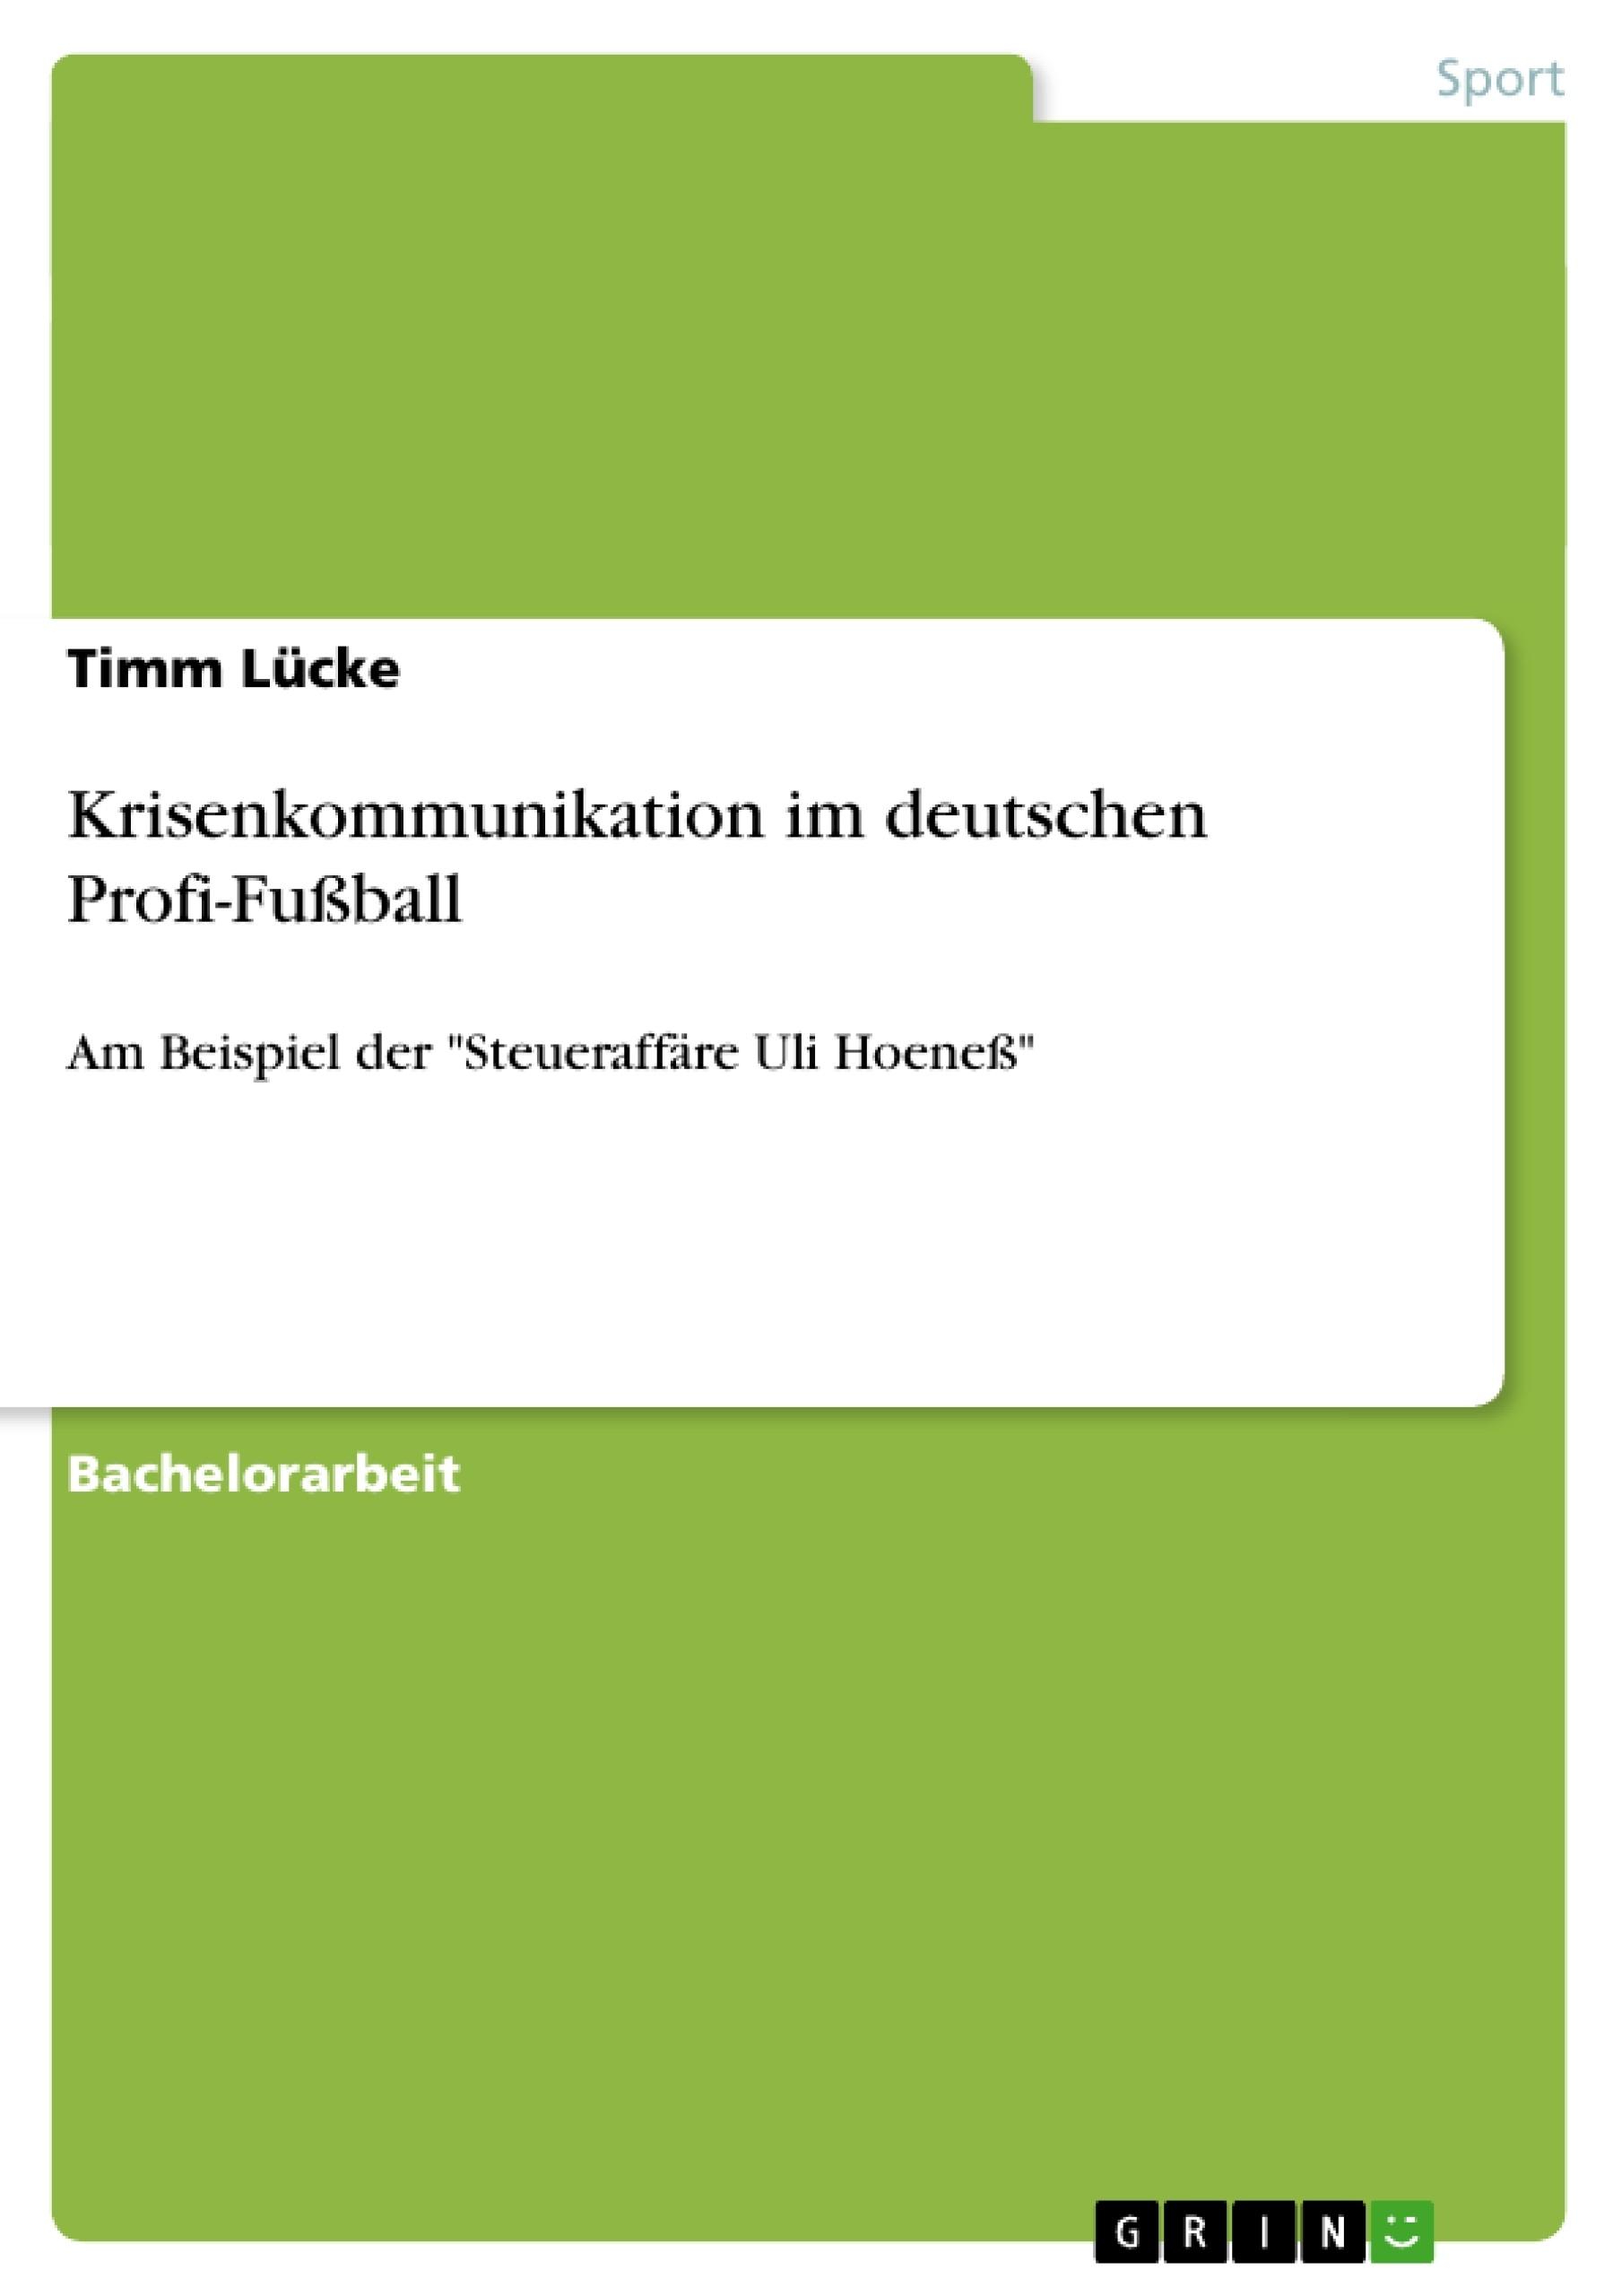 Titel: Krisenkommunikation im deutschen Profi-Fußball